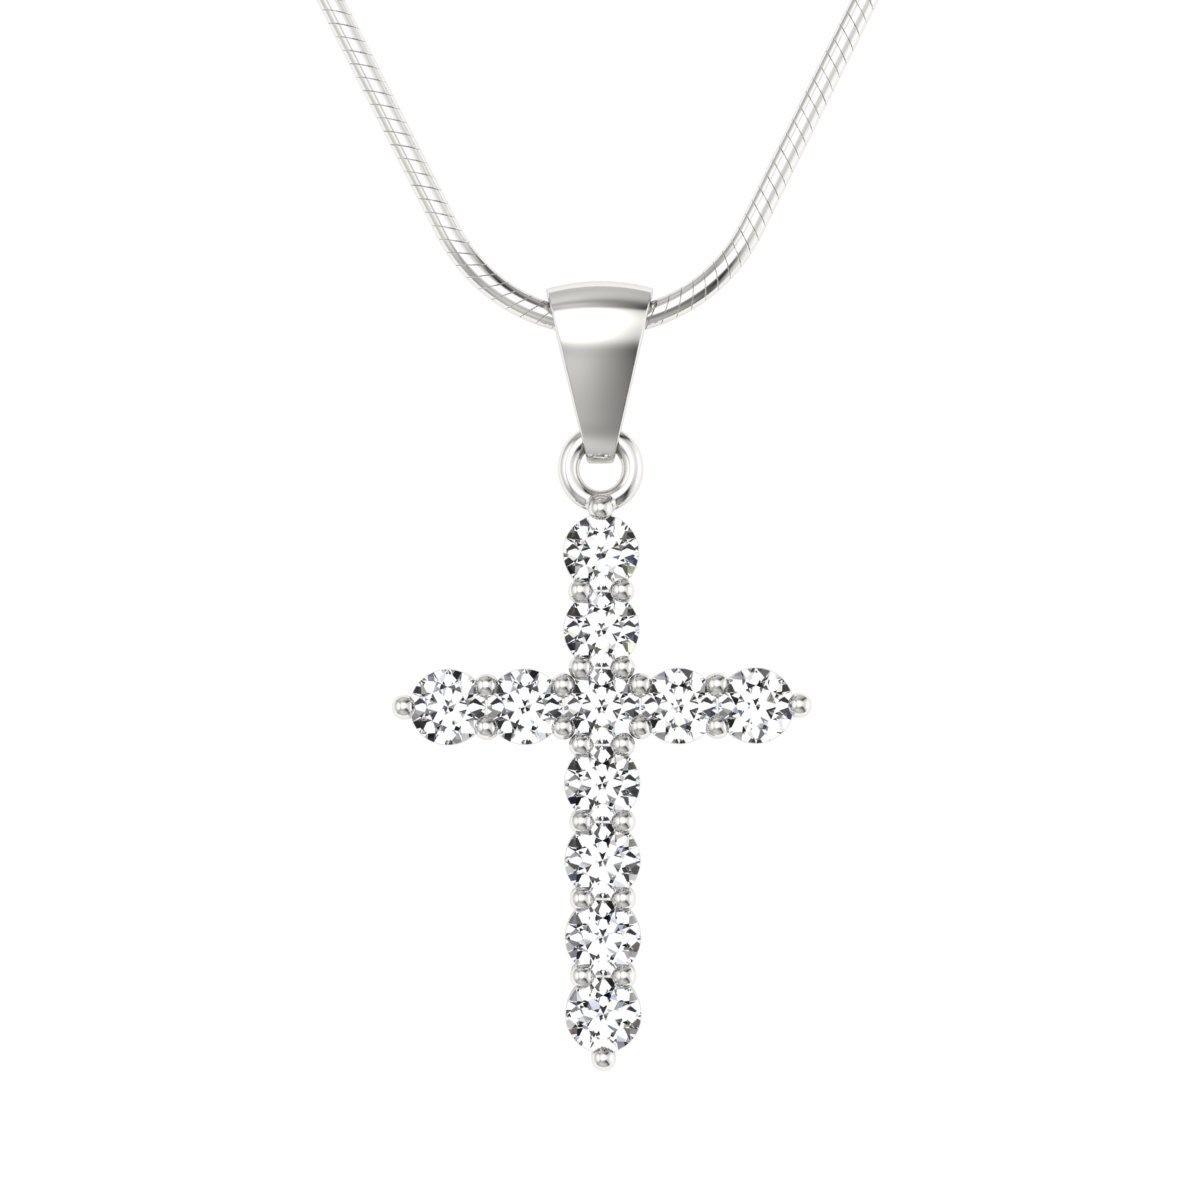 Krzyżyk z diamentami - wisiorek zawieszka